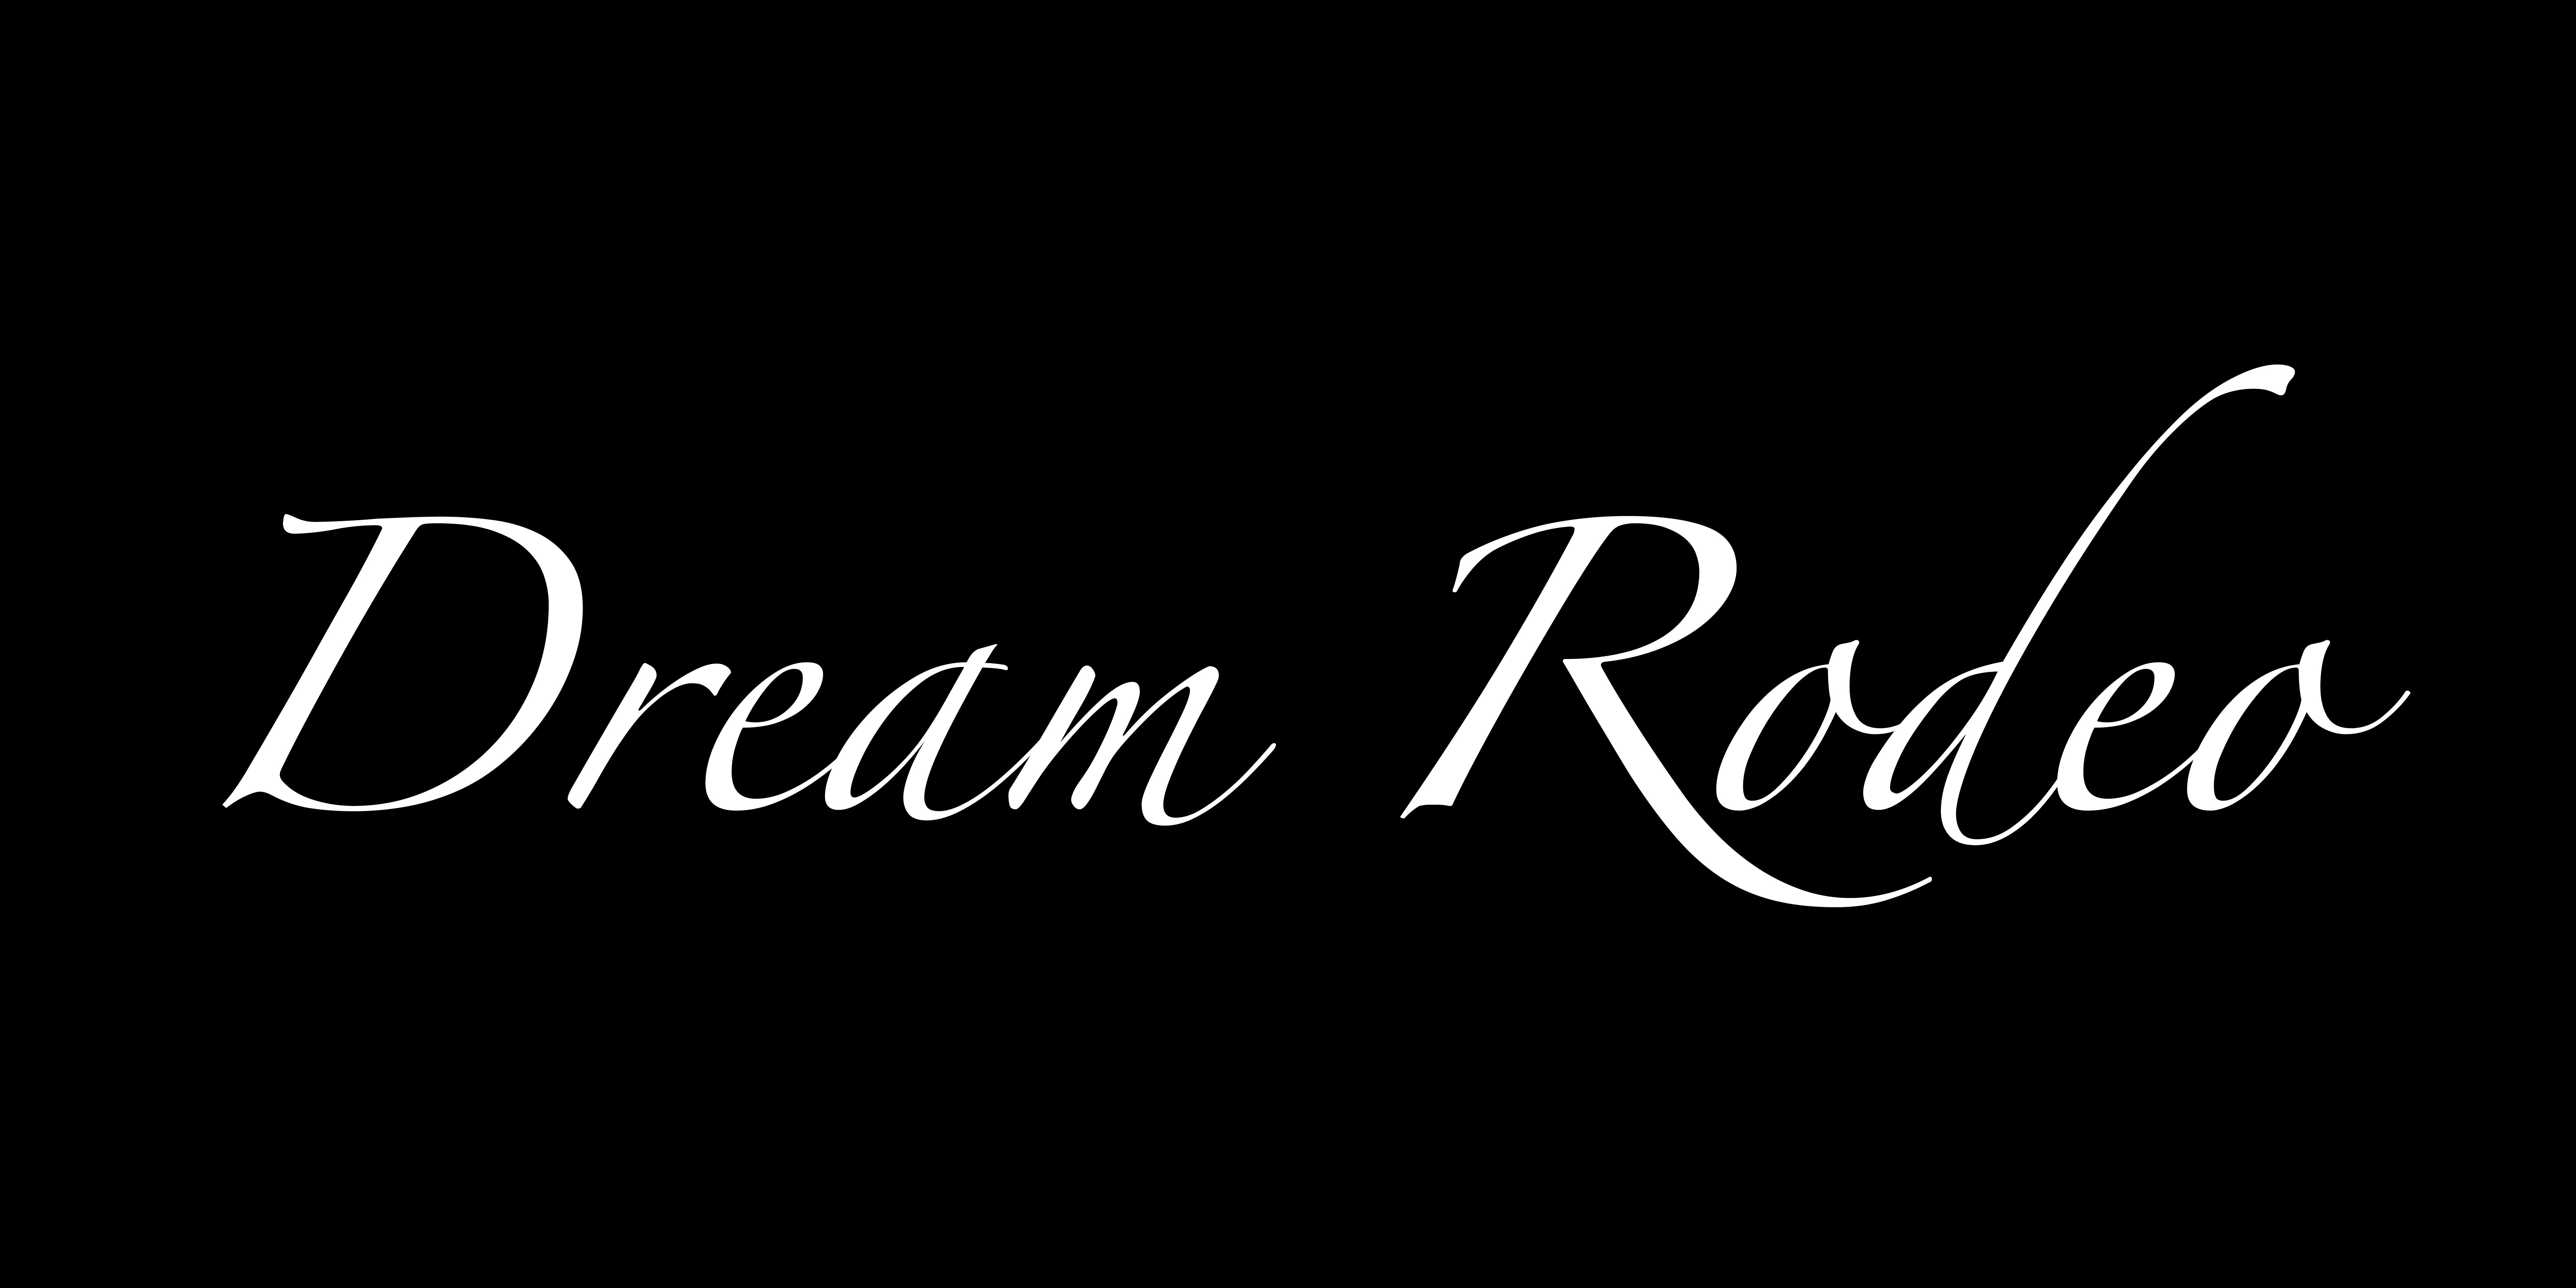 Dream Rodeo